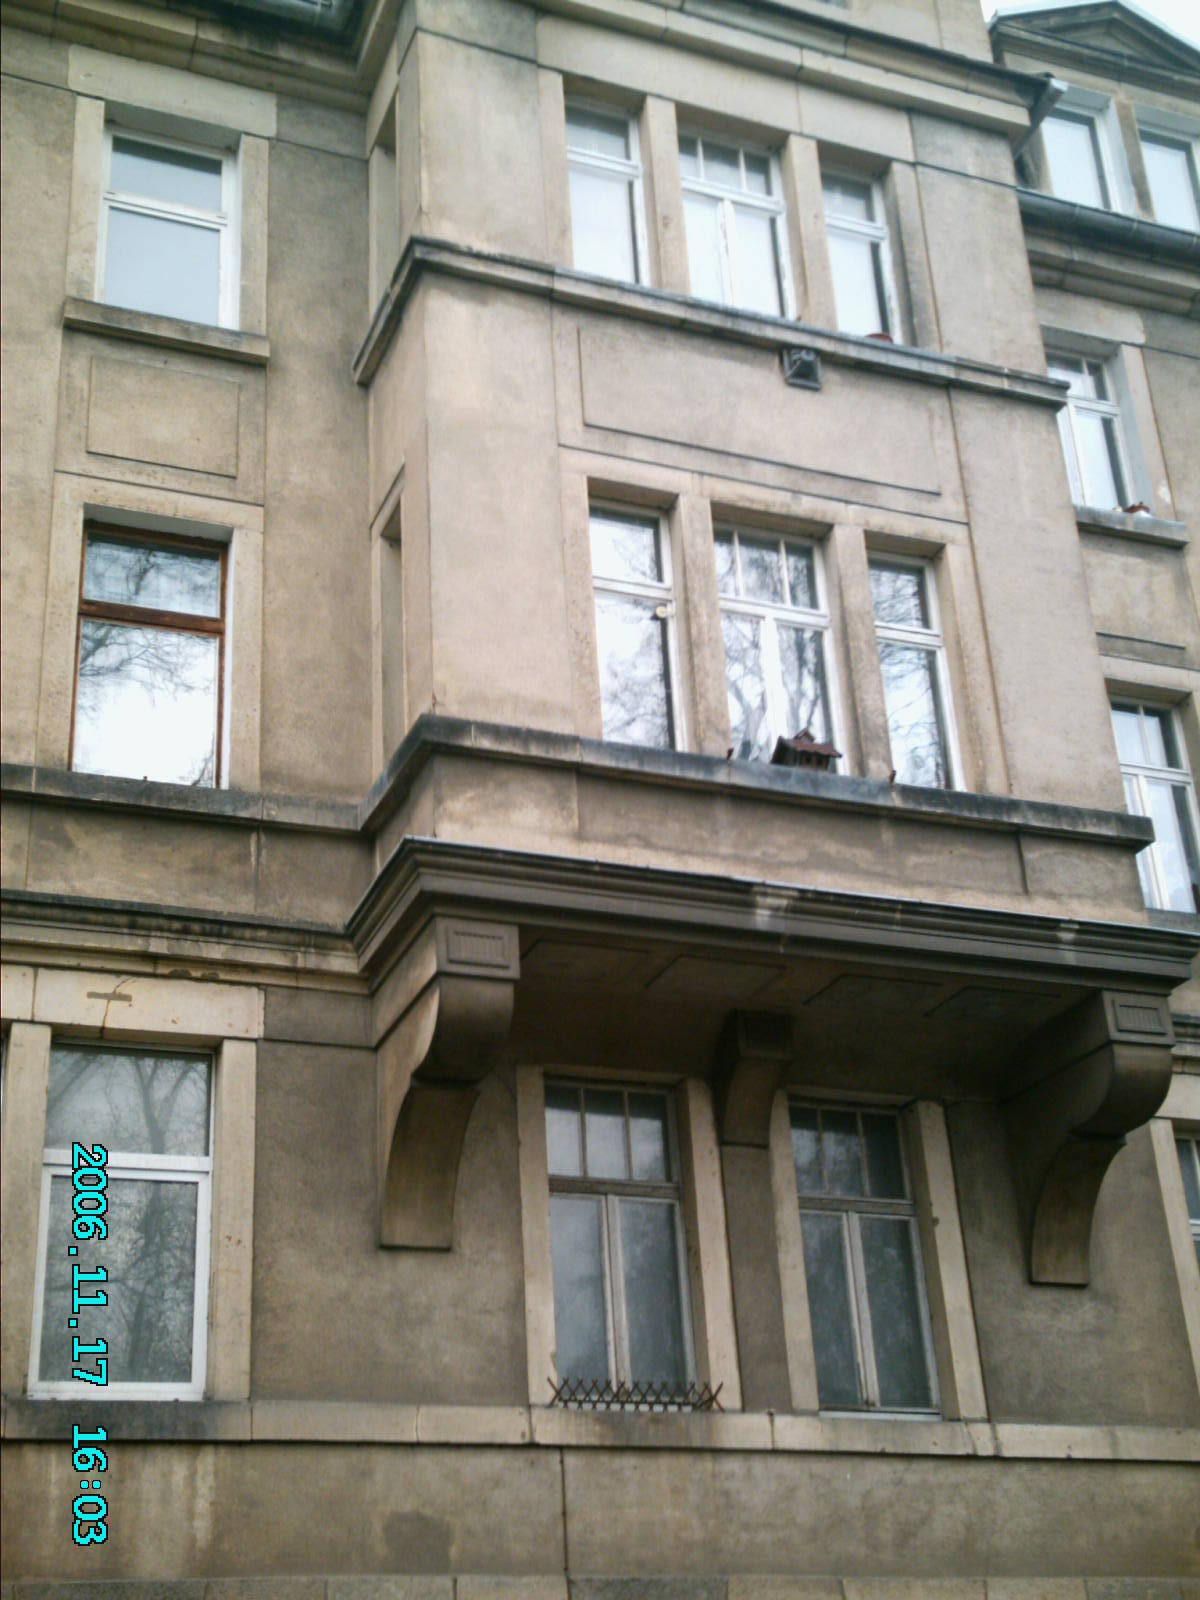 Immobilien Kleinanzeigen in Zwickau